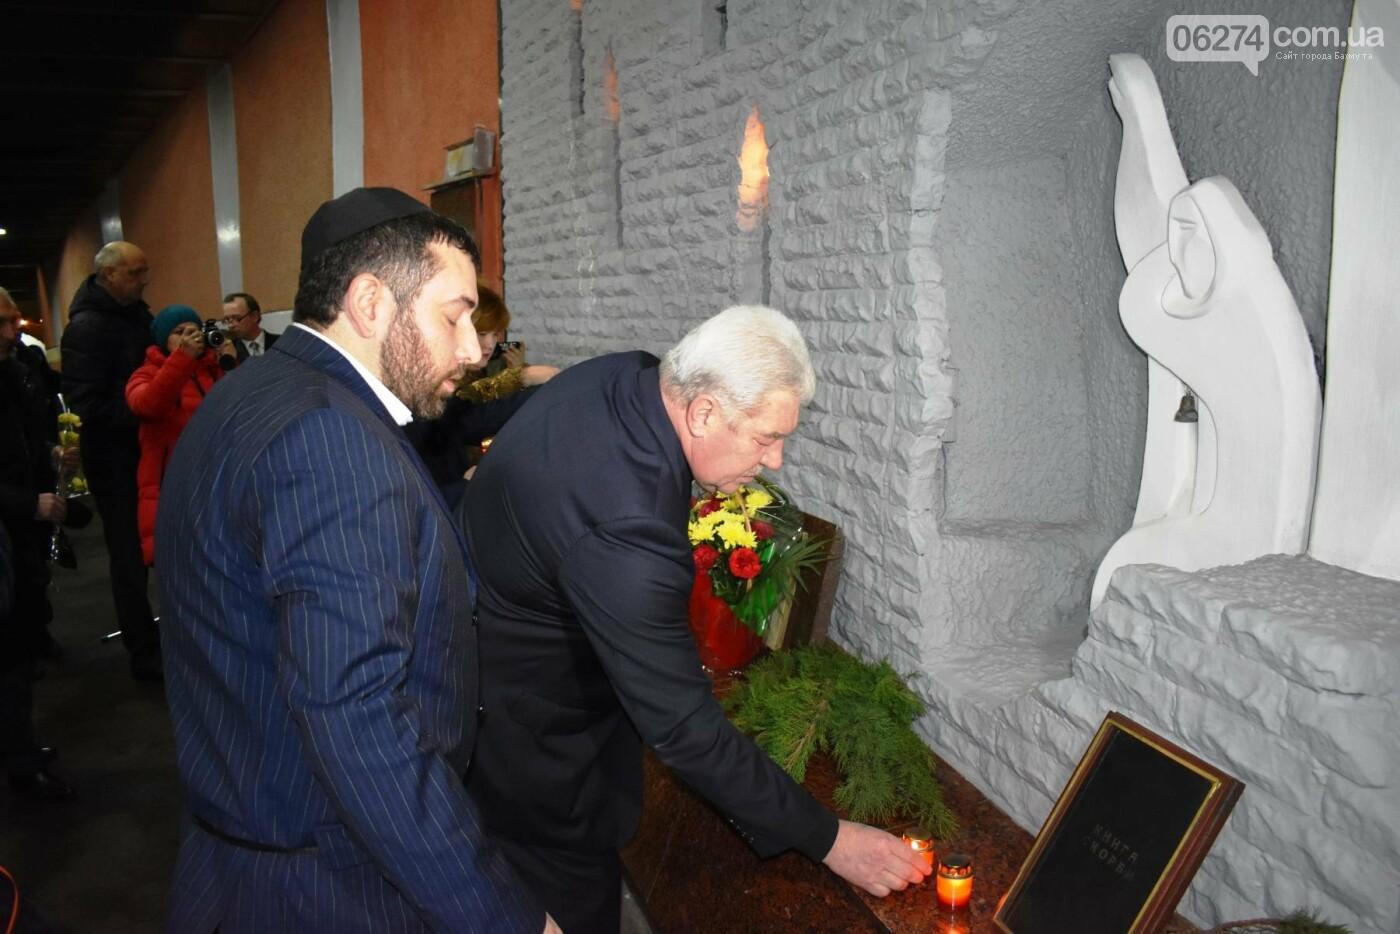 В Бахмуте почтили память погибших земляков в годы Второй мировой войны, фото-7